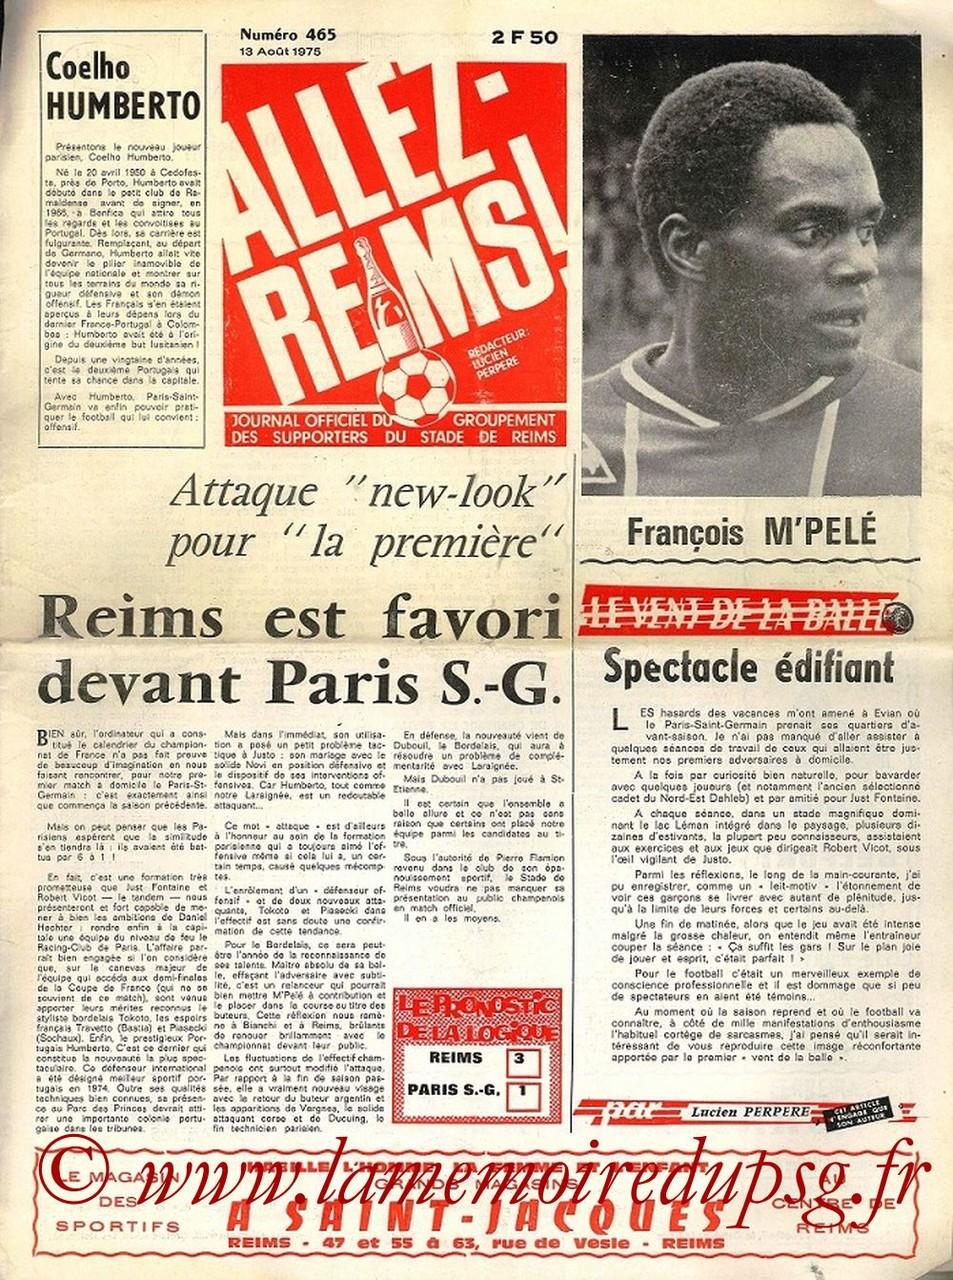 1975-08-13  Reim-PSG (2ème D1, Allez Reims N°465)